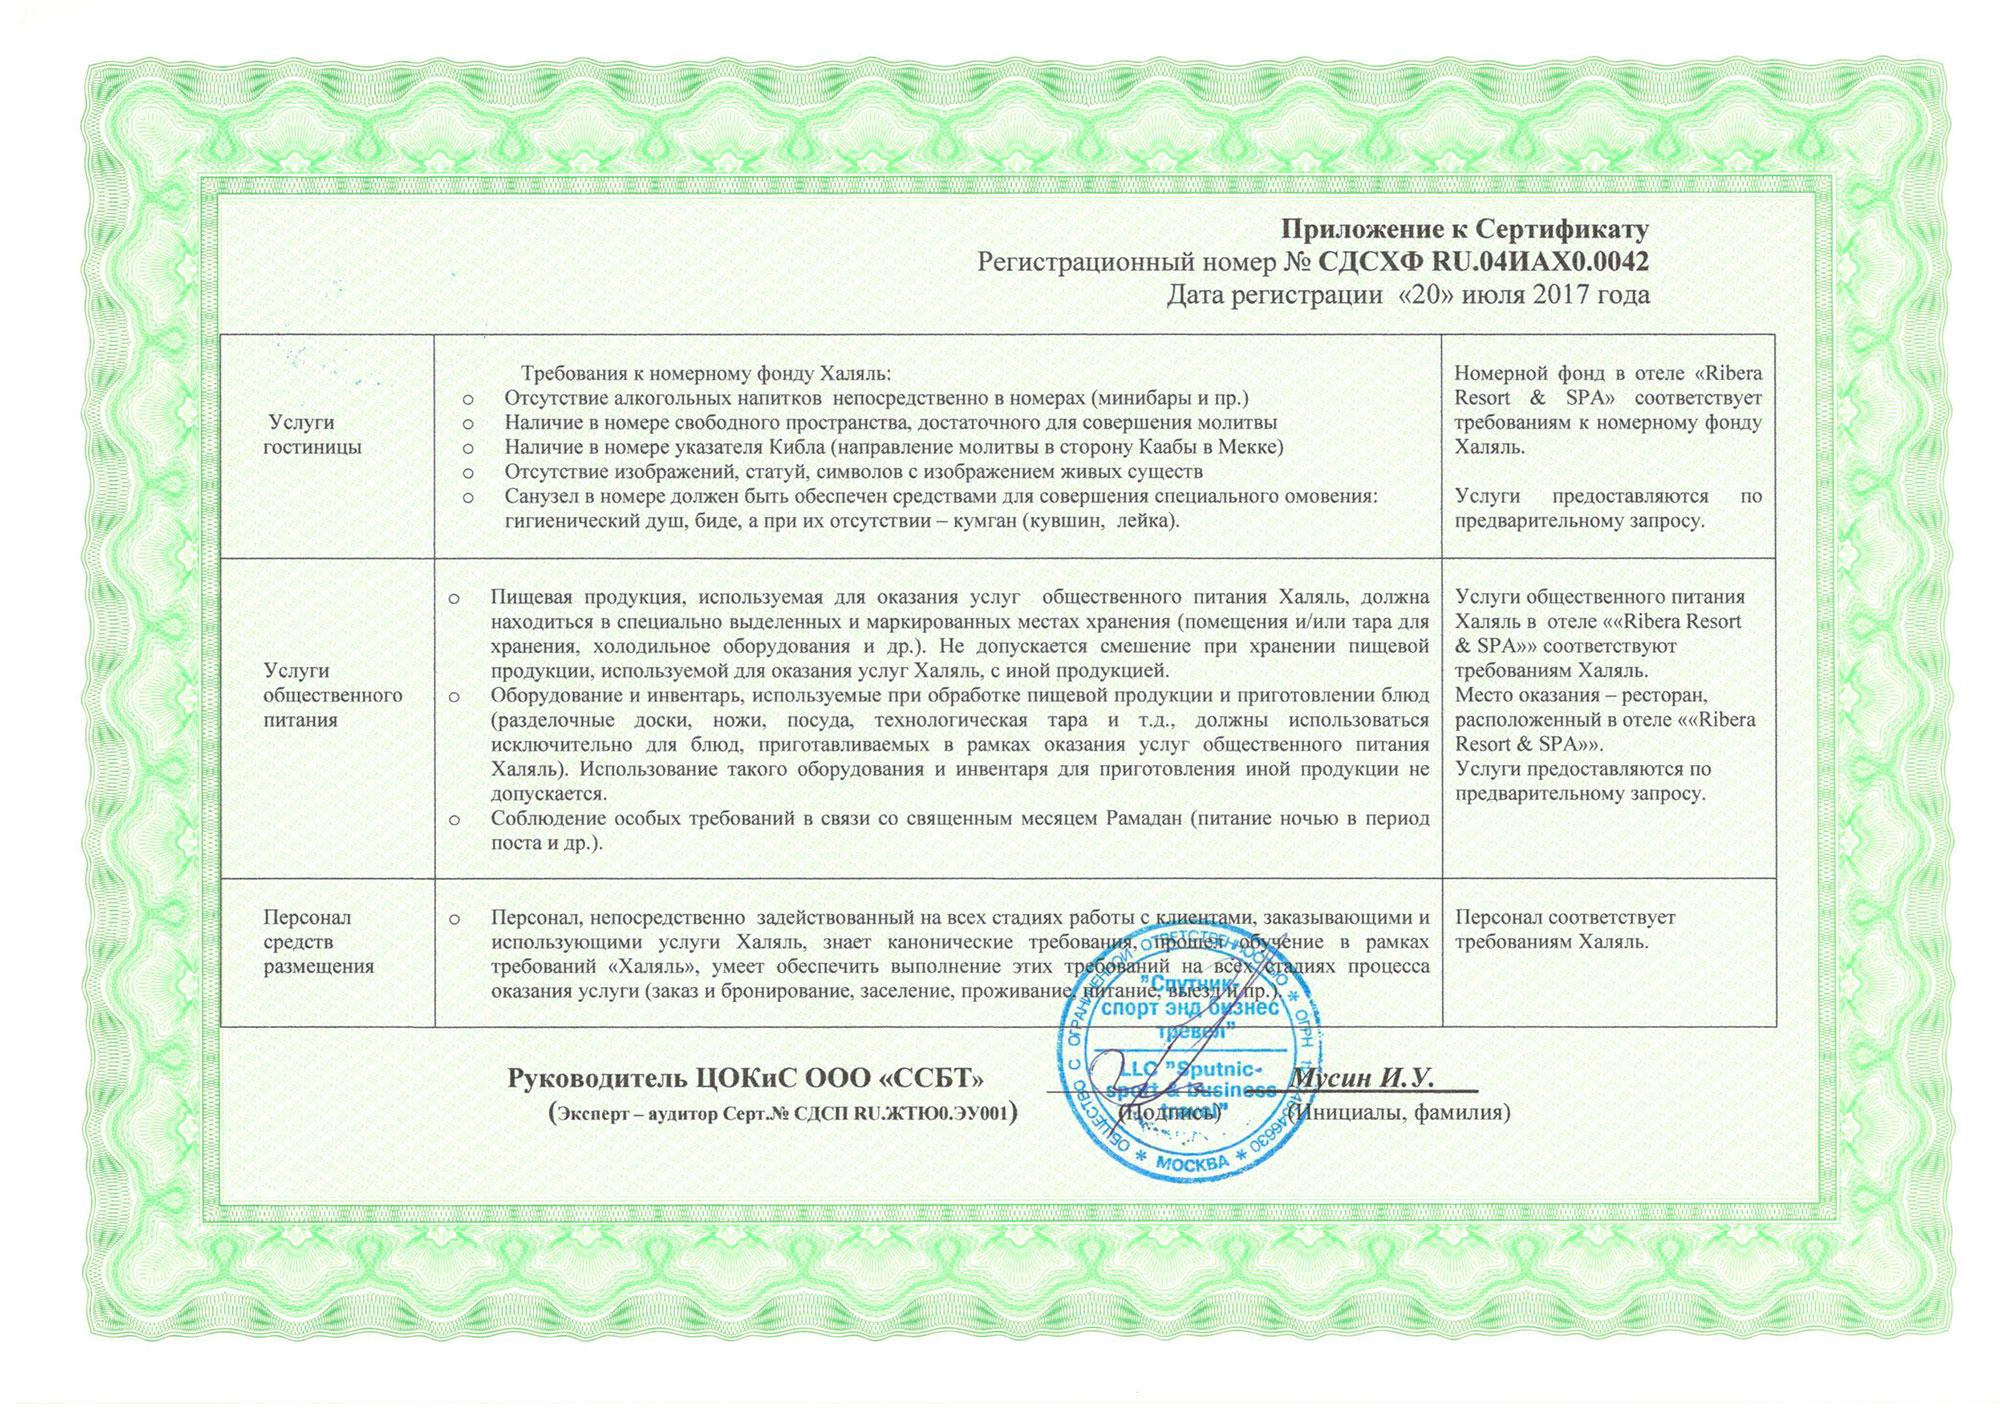 Приложение к сертификату Халяль Туризм Стандарт